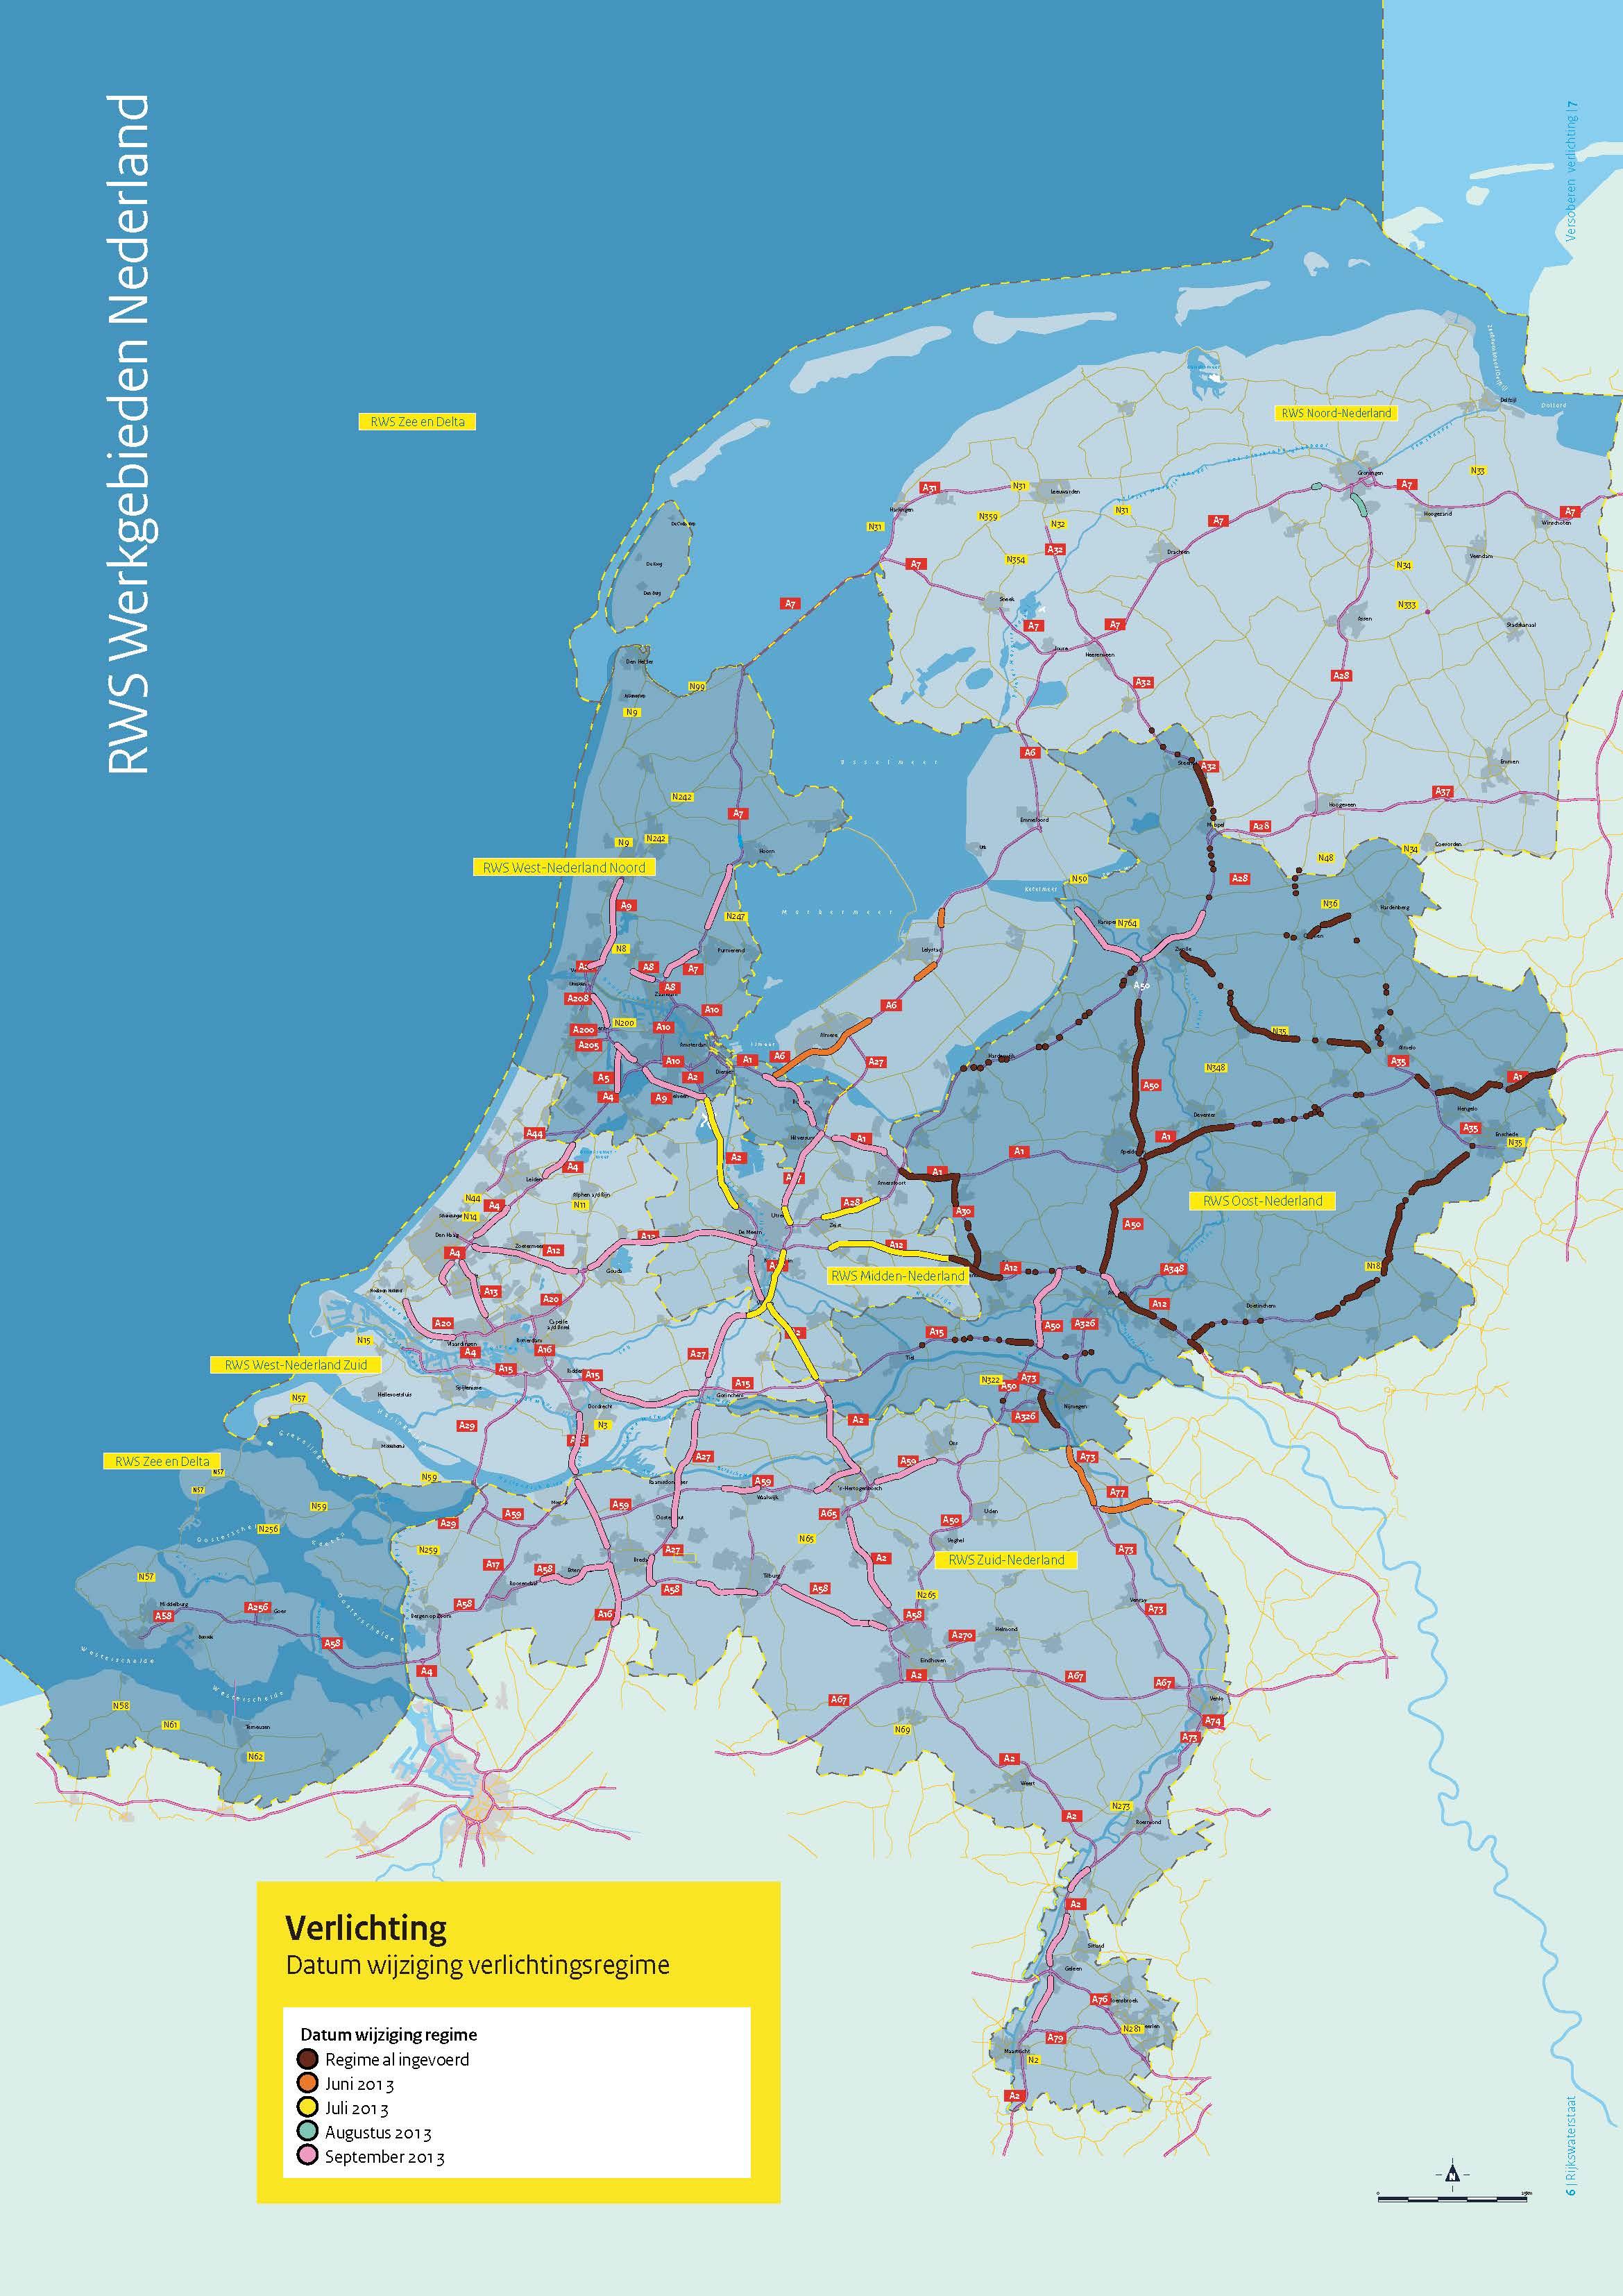 https://www.verkeersmaatregelen.nl/Portals/0/Images/info/Verkeerswetgeving/RWS-Versobering%20Verlichting%20_Pagina_04_kaart%20Nederland.jpg